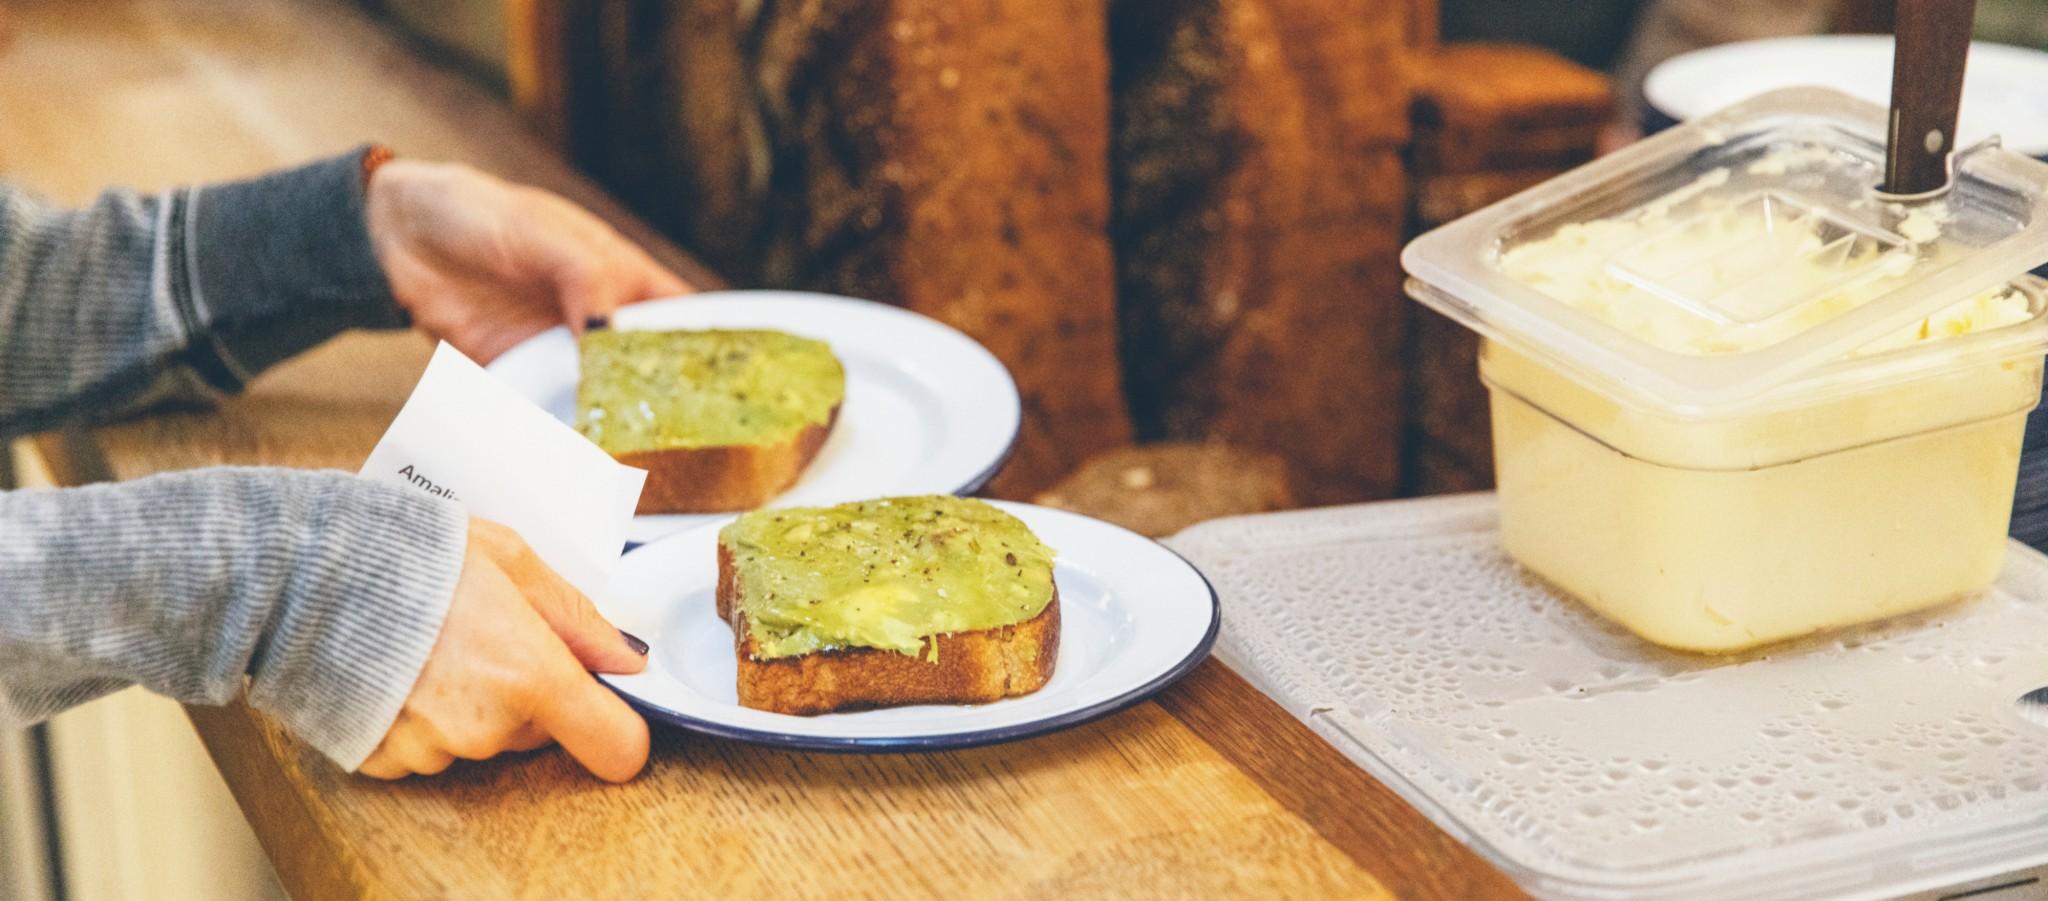 サンフランシスコで生まれた新たなベーカリースター〈THE MILL〉。ローカル産小麦のトーストを体験して。